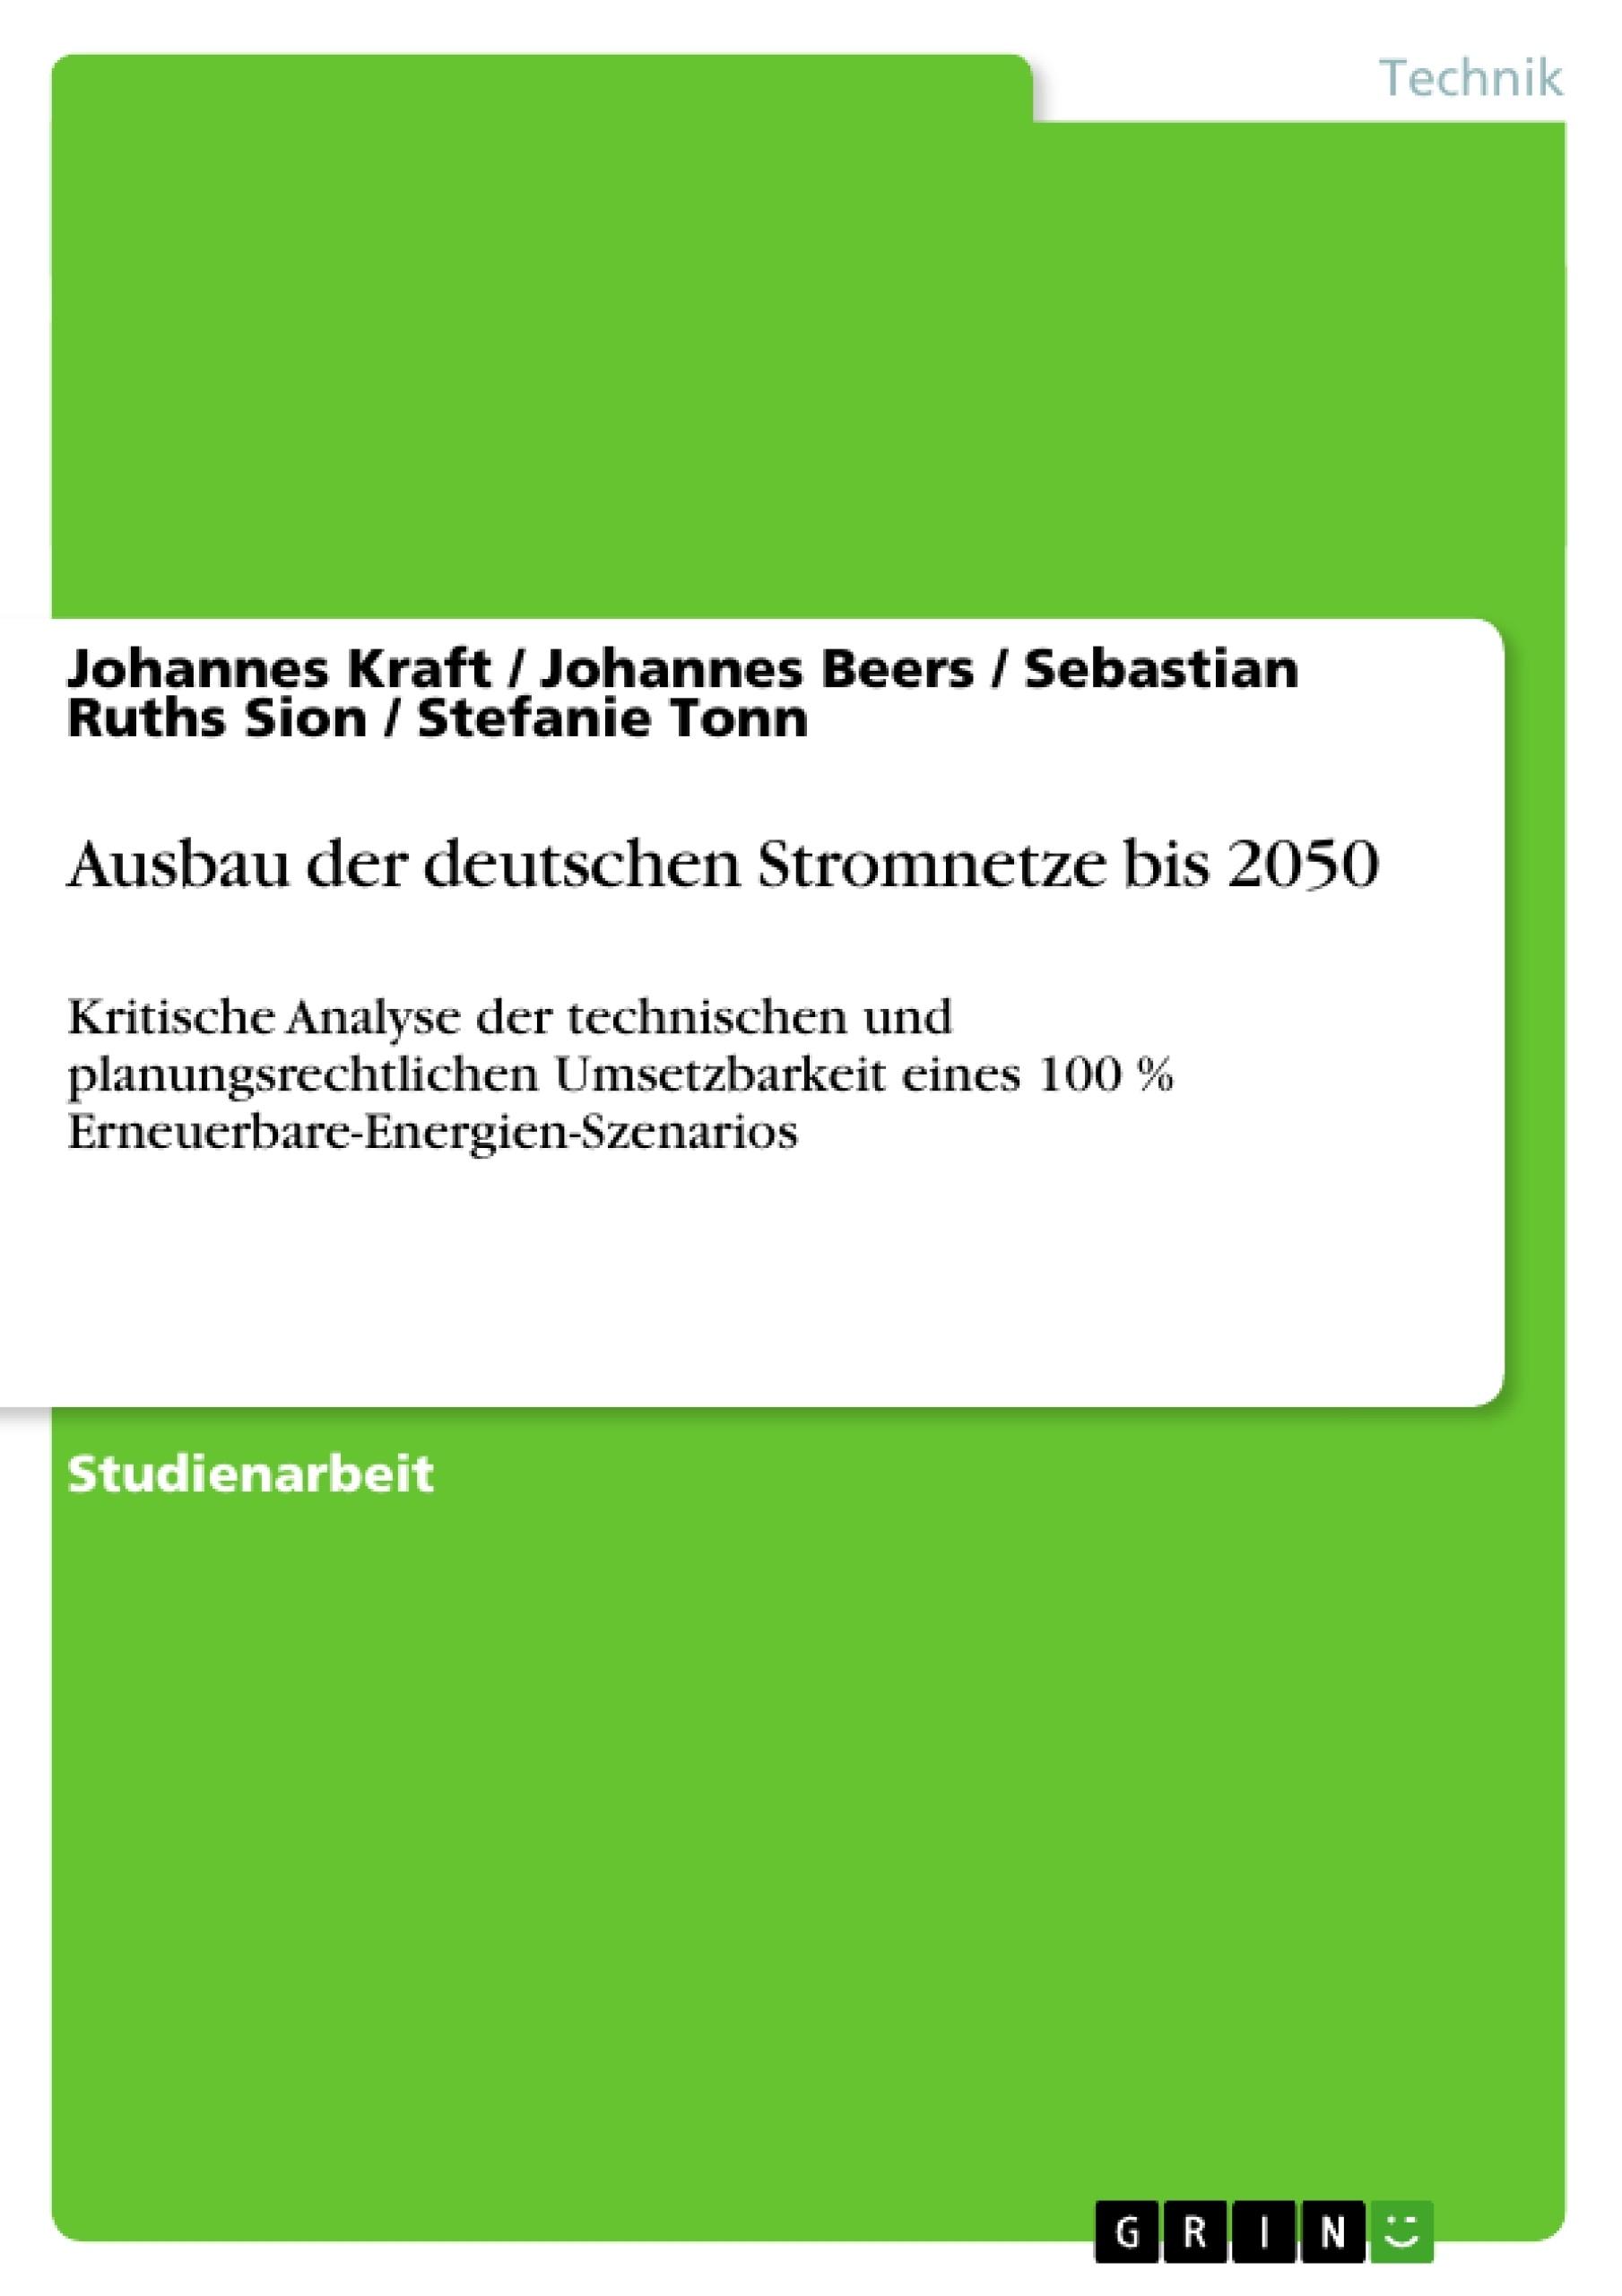 Titel: Ausbau der deutschen Stromnetze bis 2050